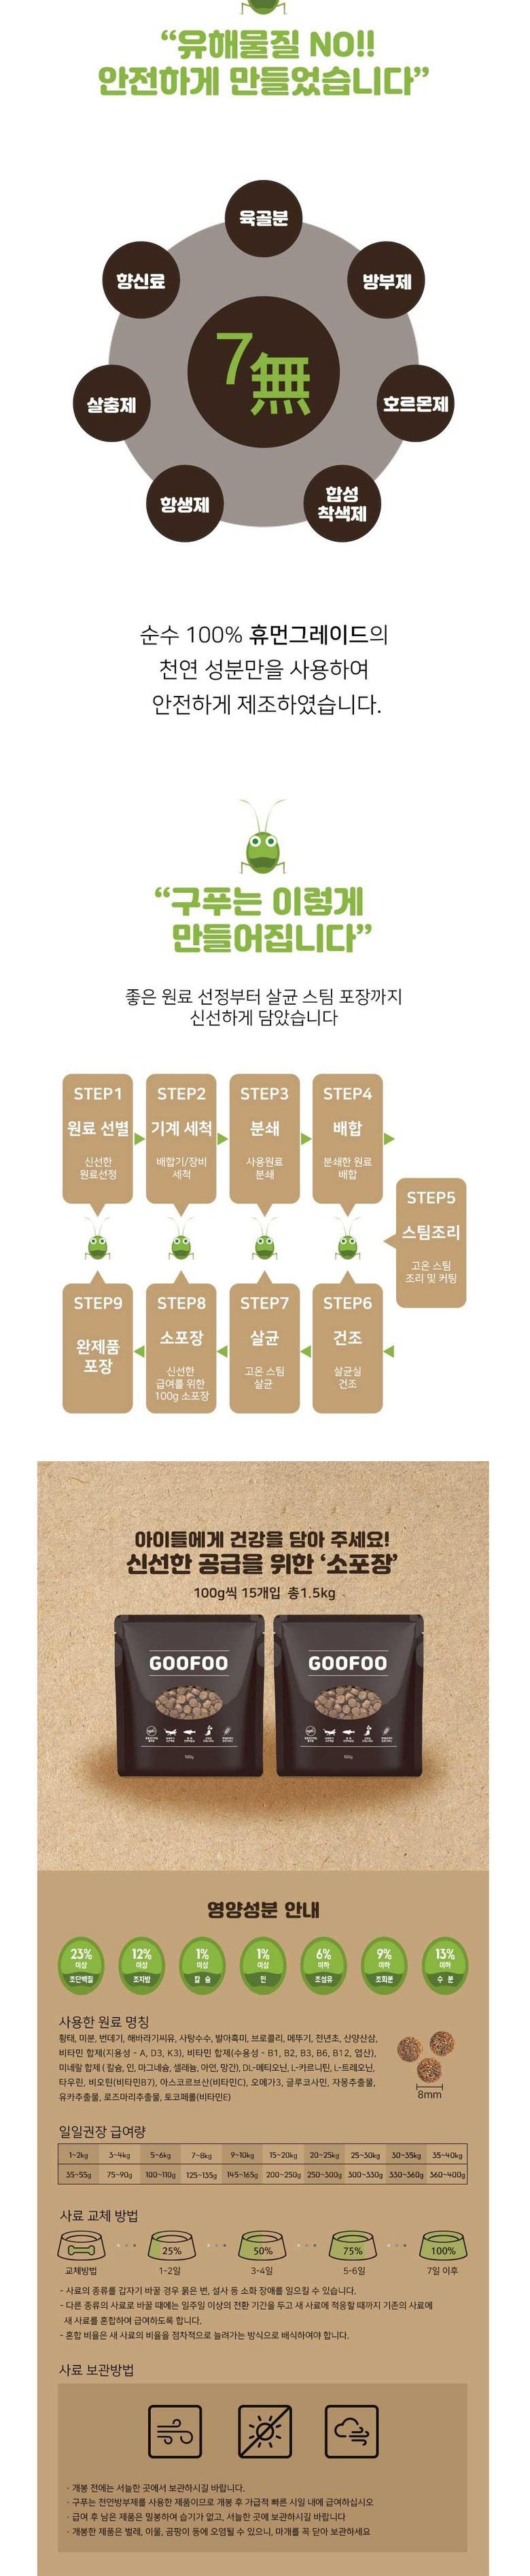 [오구오구특가]구푸 단백질사료 1.5kg (2개세트)-상품이미지-2